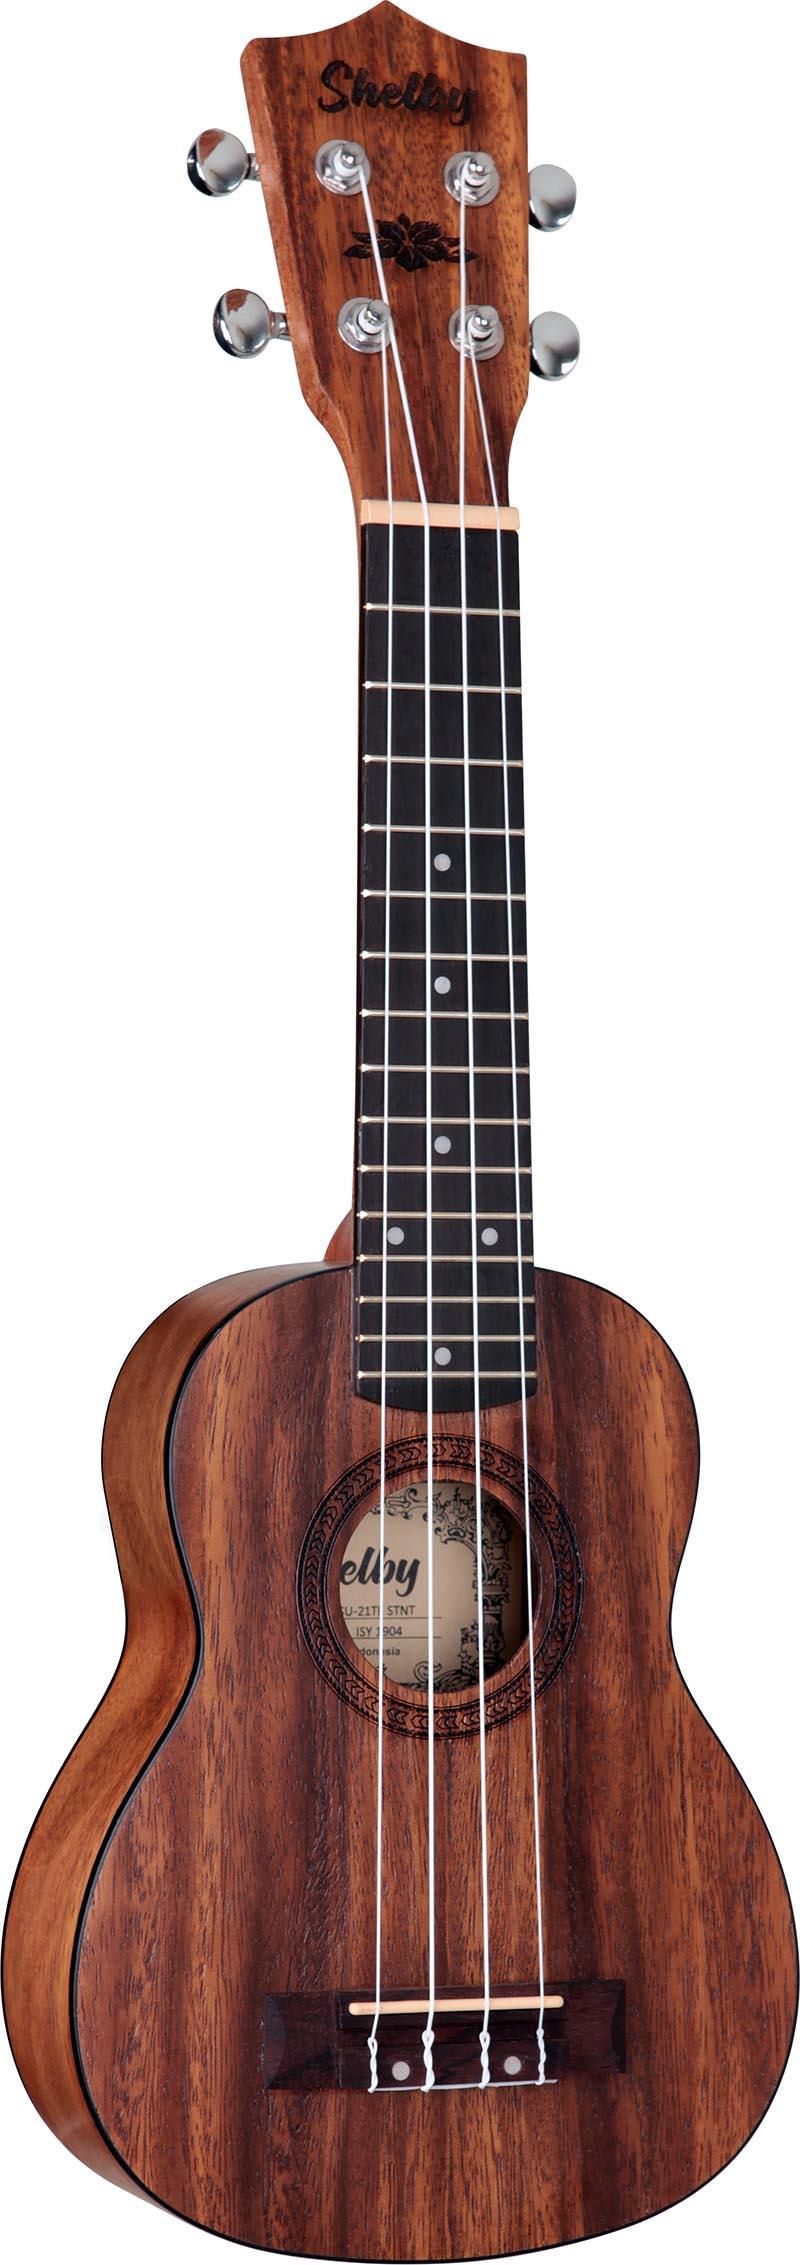 su21t ukulele soprano shelby su21t stnt teca acetinado visao frontal vertical